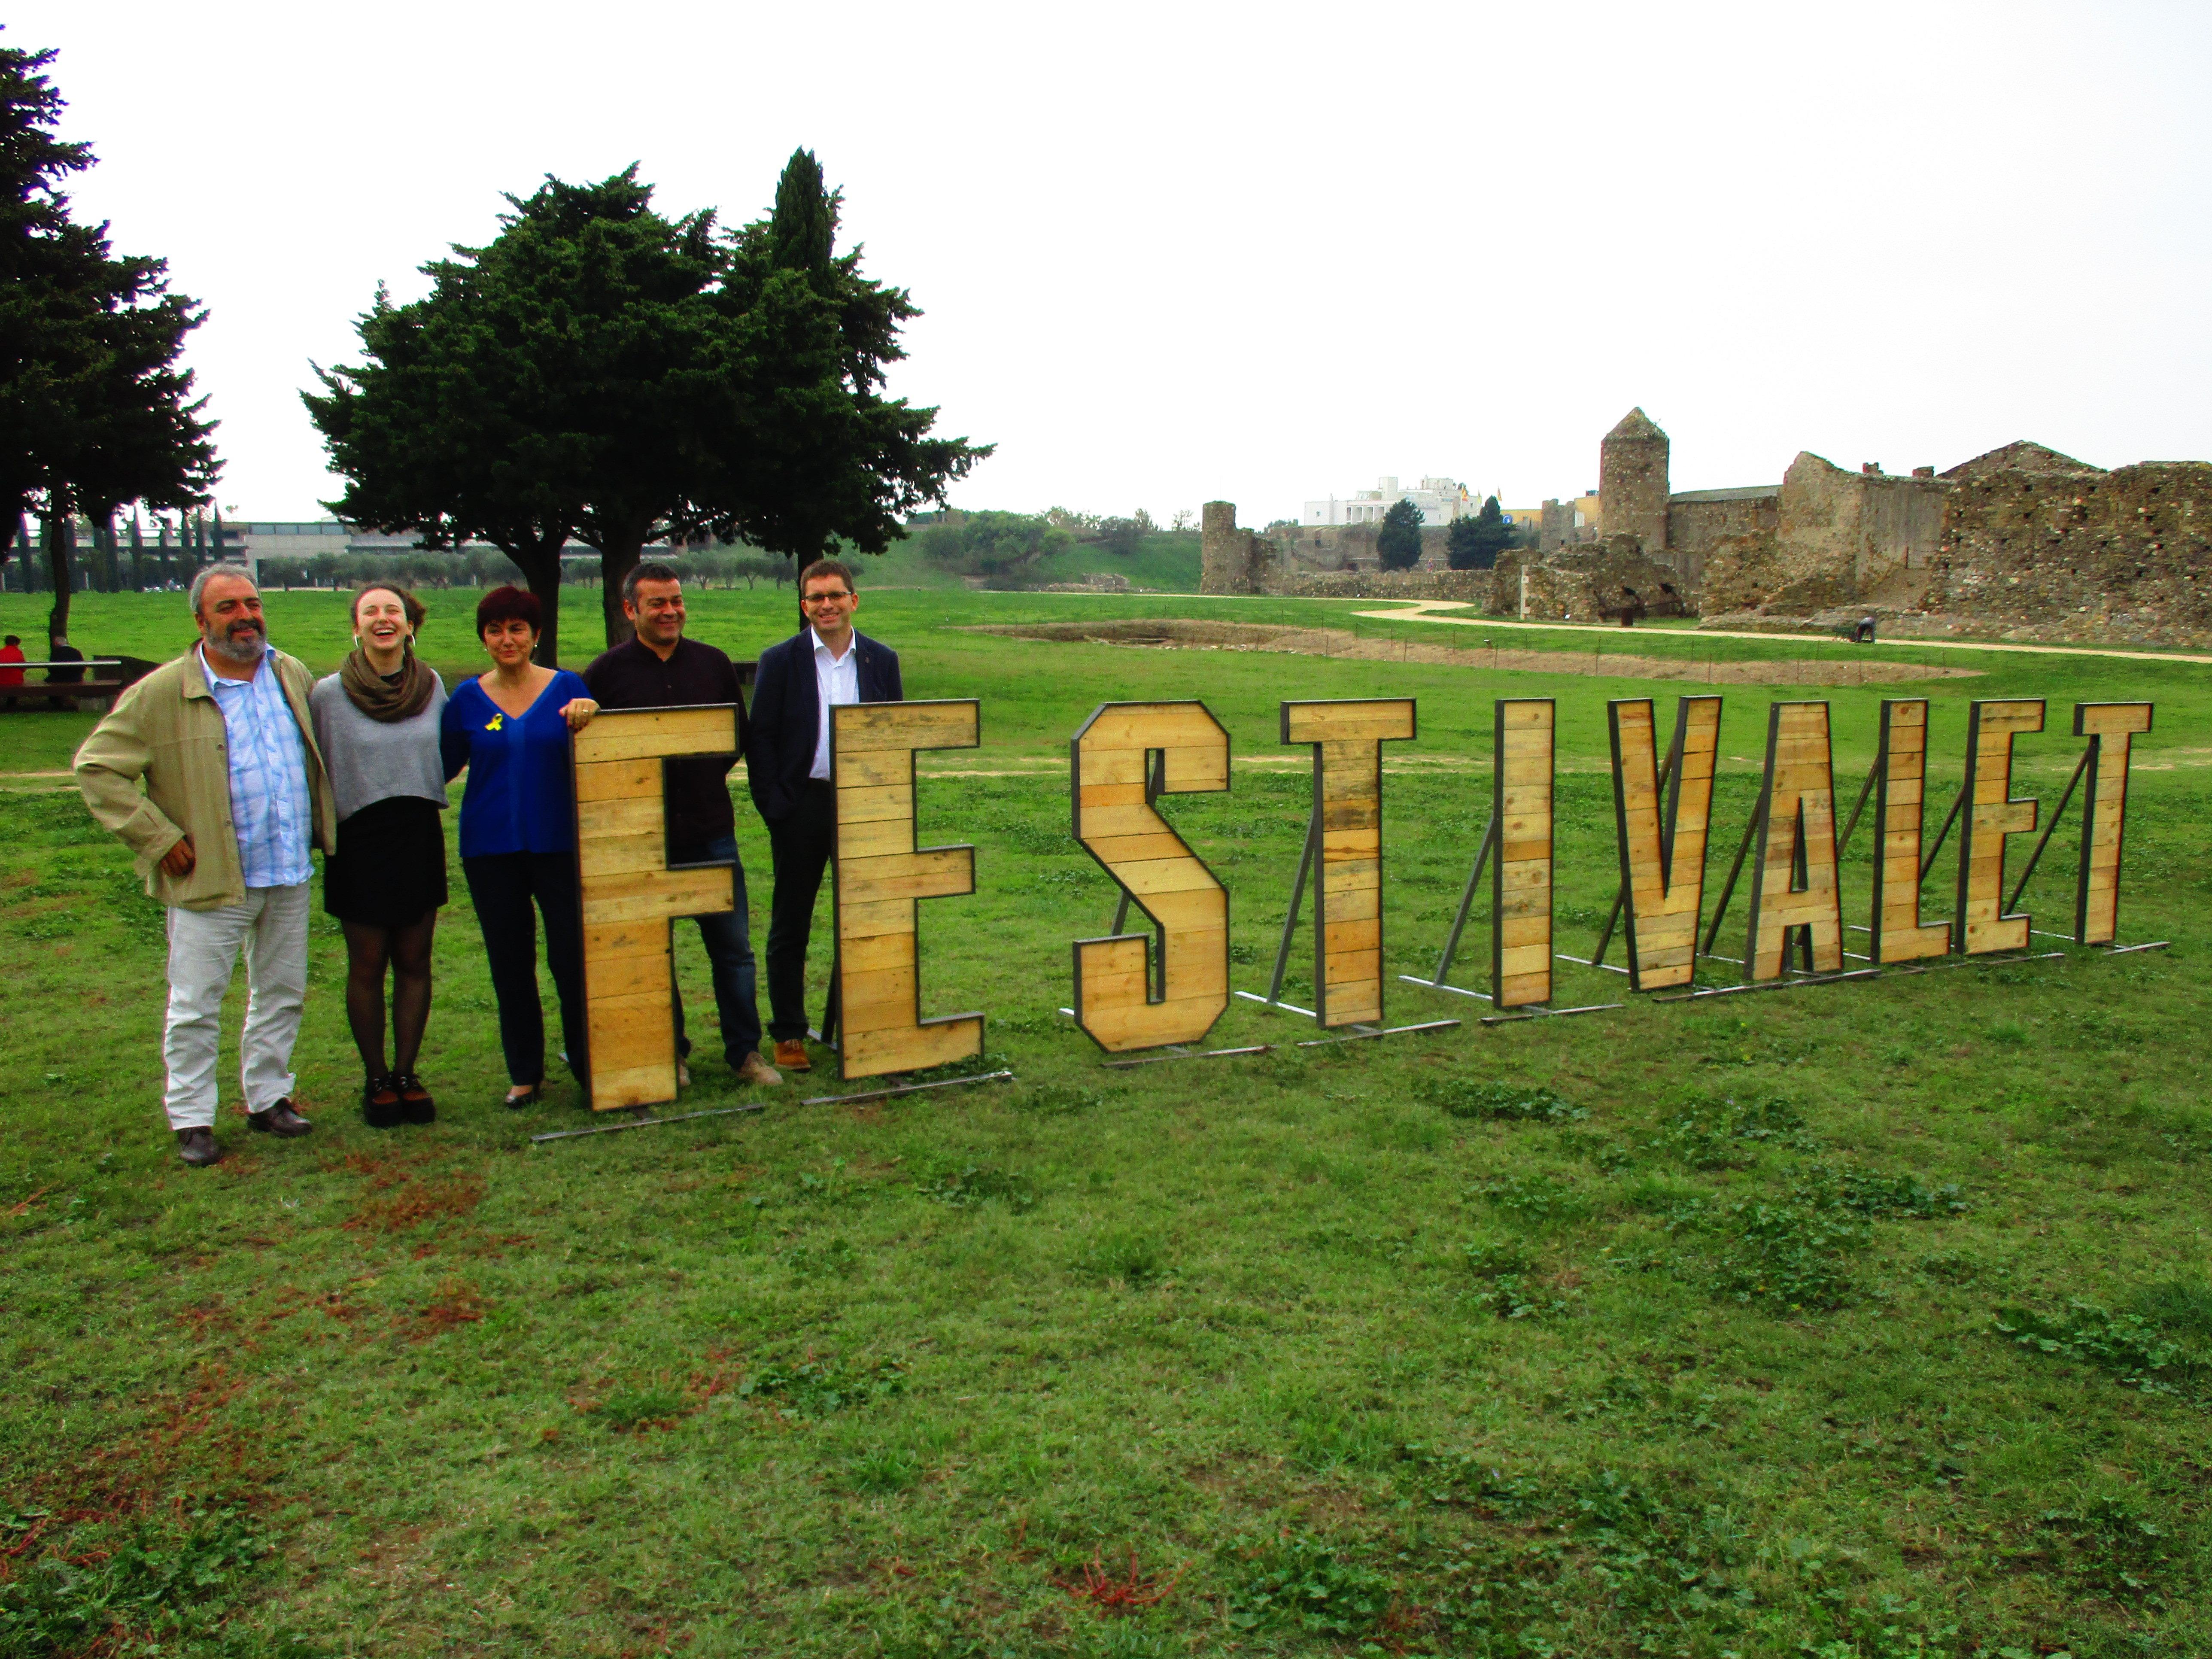 El Festivalet de Roses proposa un cap de setmana de música indie, gastronomia i paisatge els dies 11 i 12 de novembre